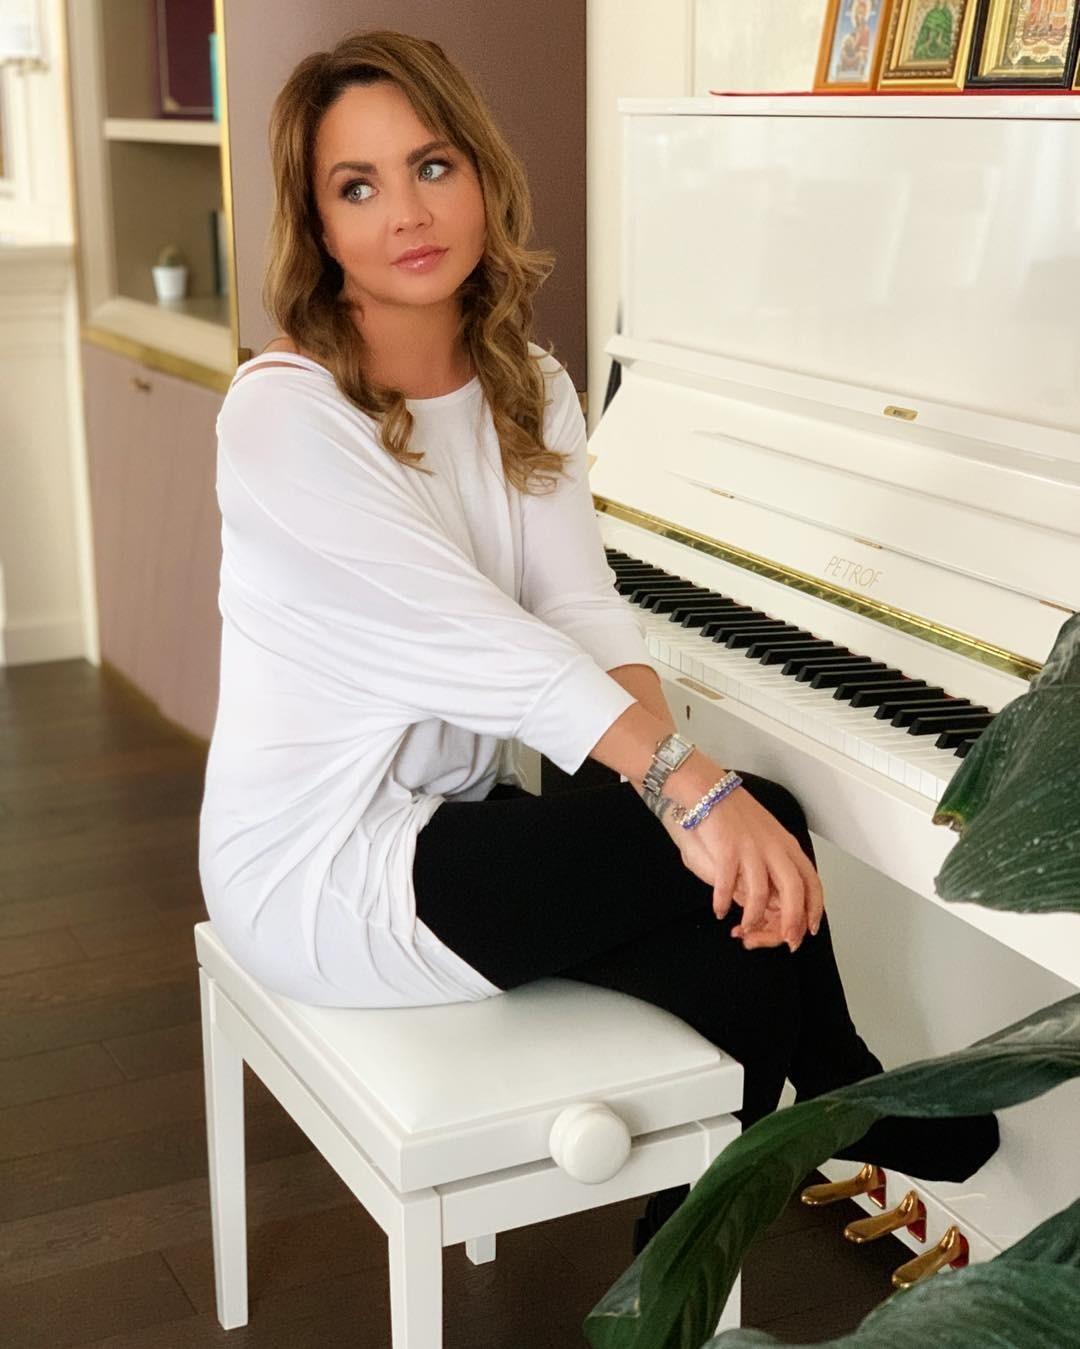 Певица МакSим провела первый концерт после реабилитации